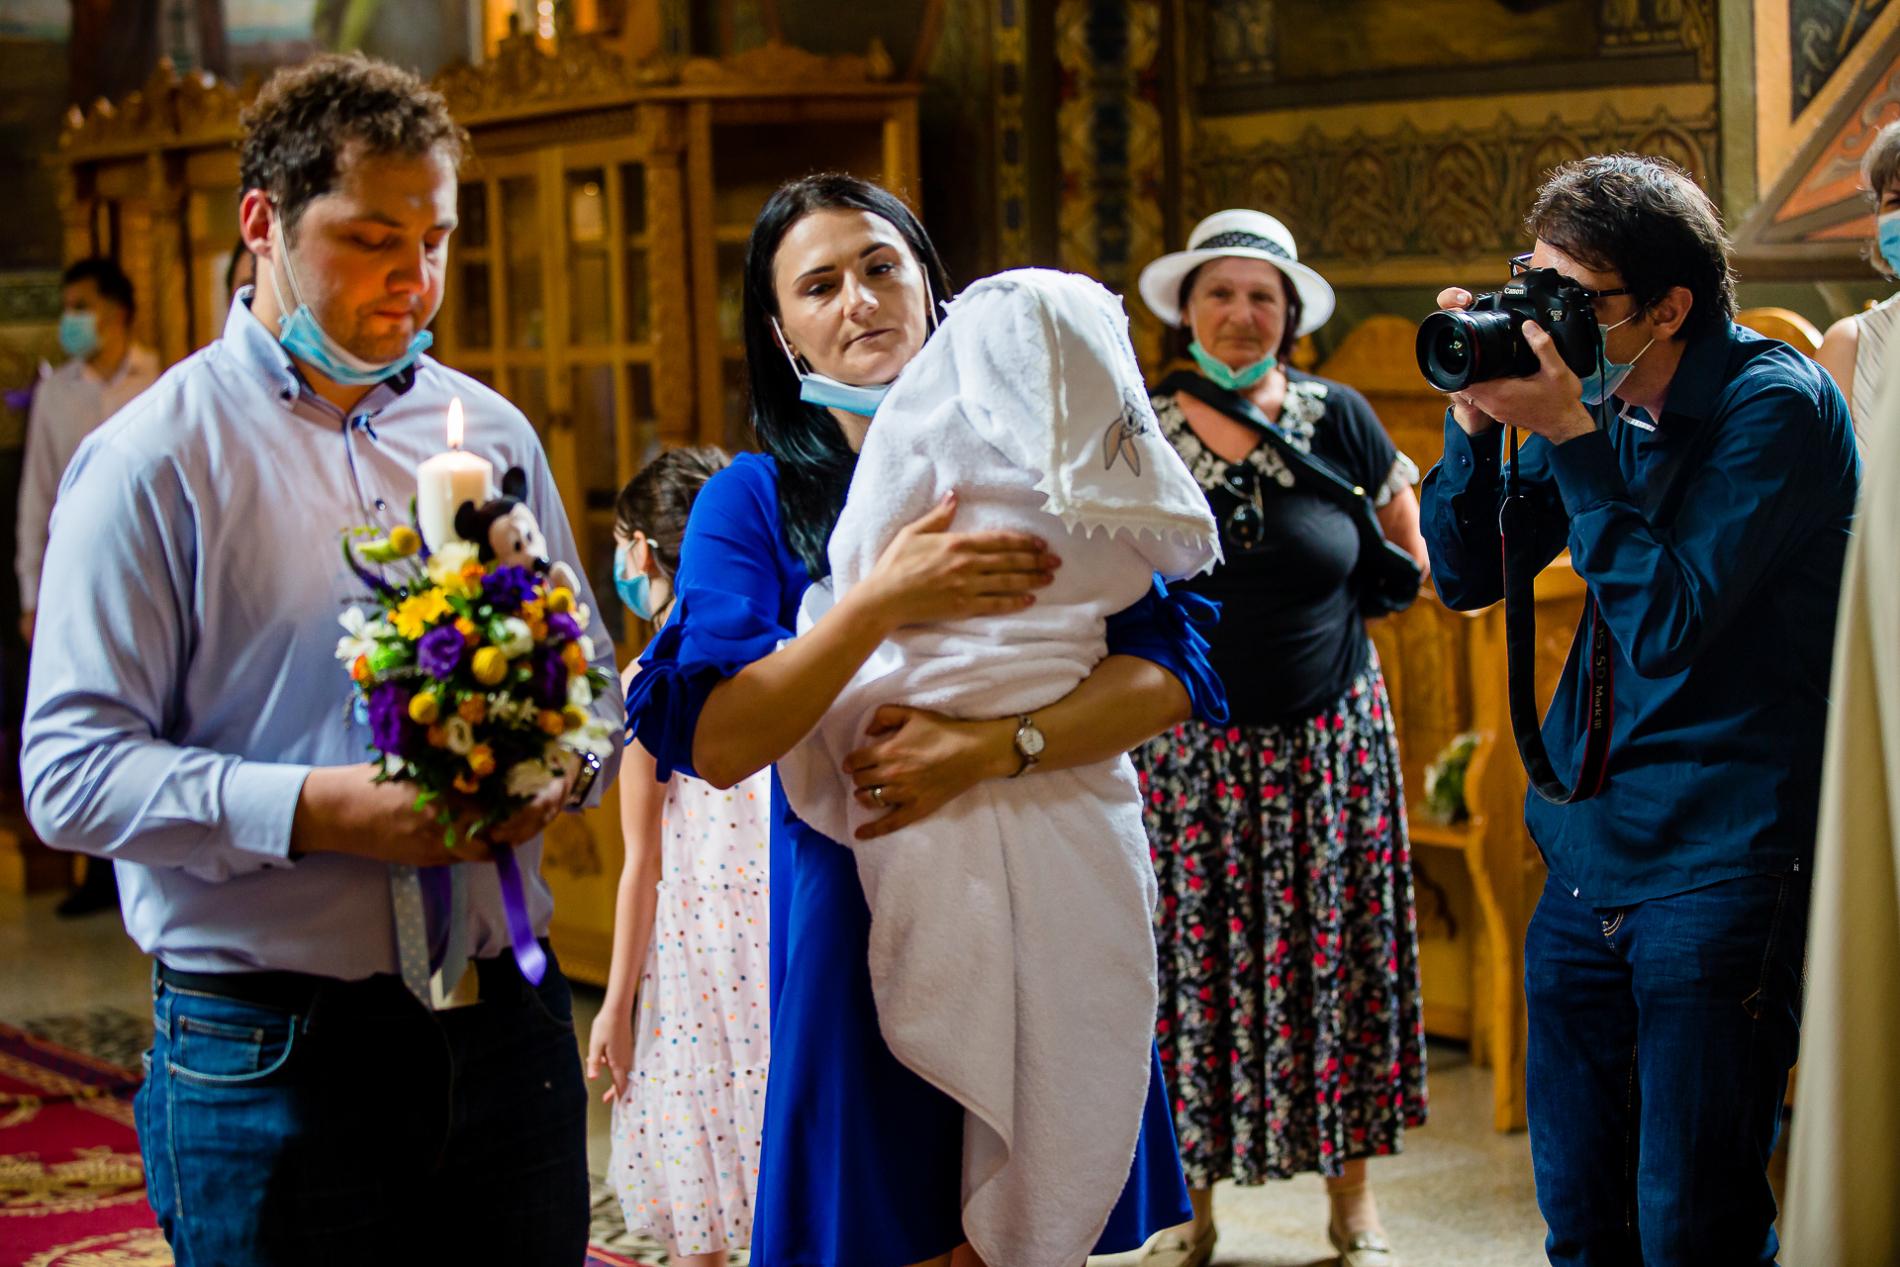 Un fotógrafo de bodas practica el distanciamiento social en una ceremonia en Bucarest, Rumanía, mientras usa una máscara CORONAVIRUS